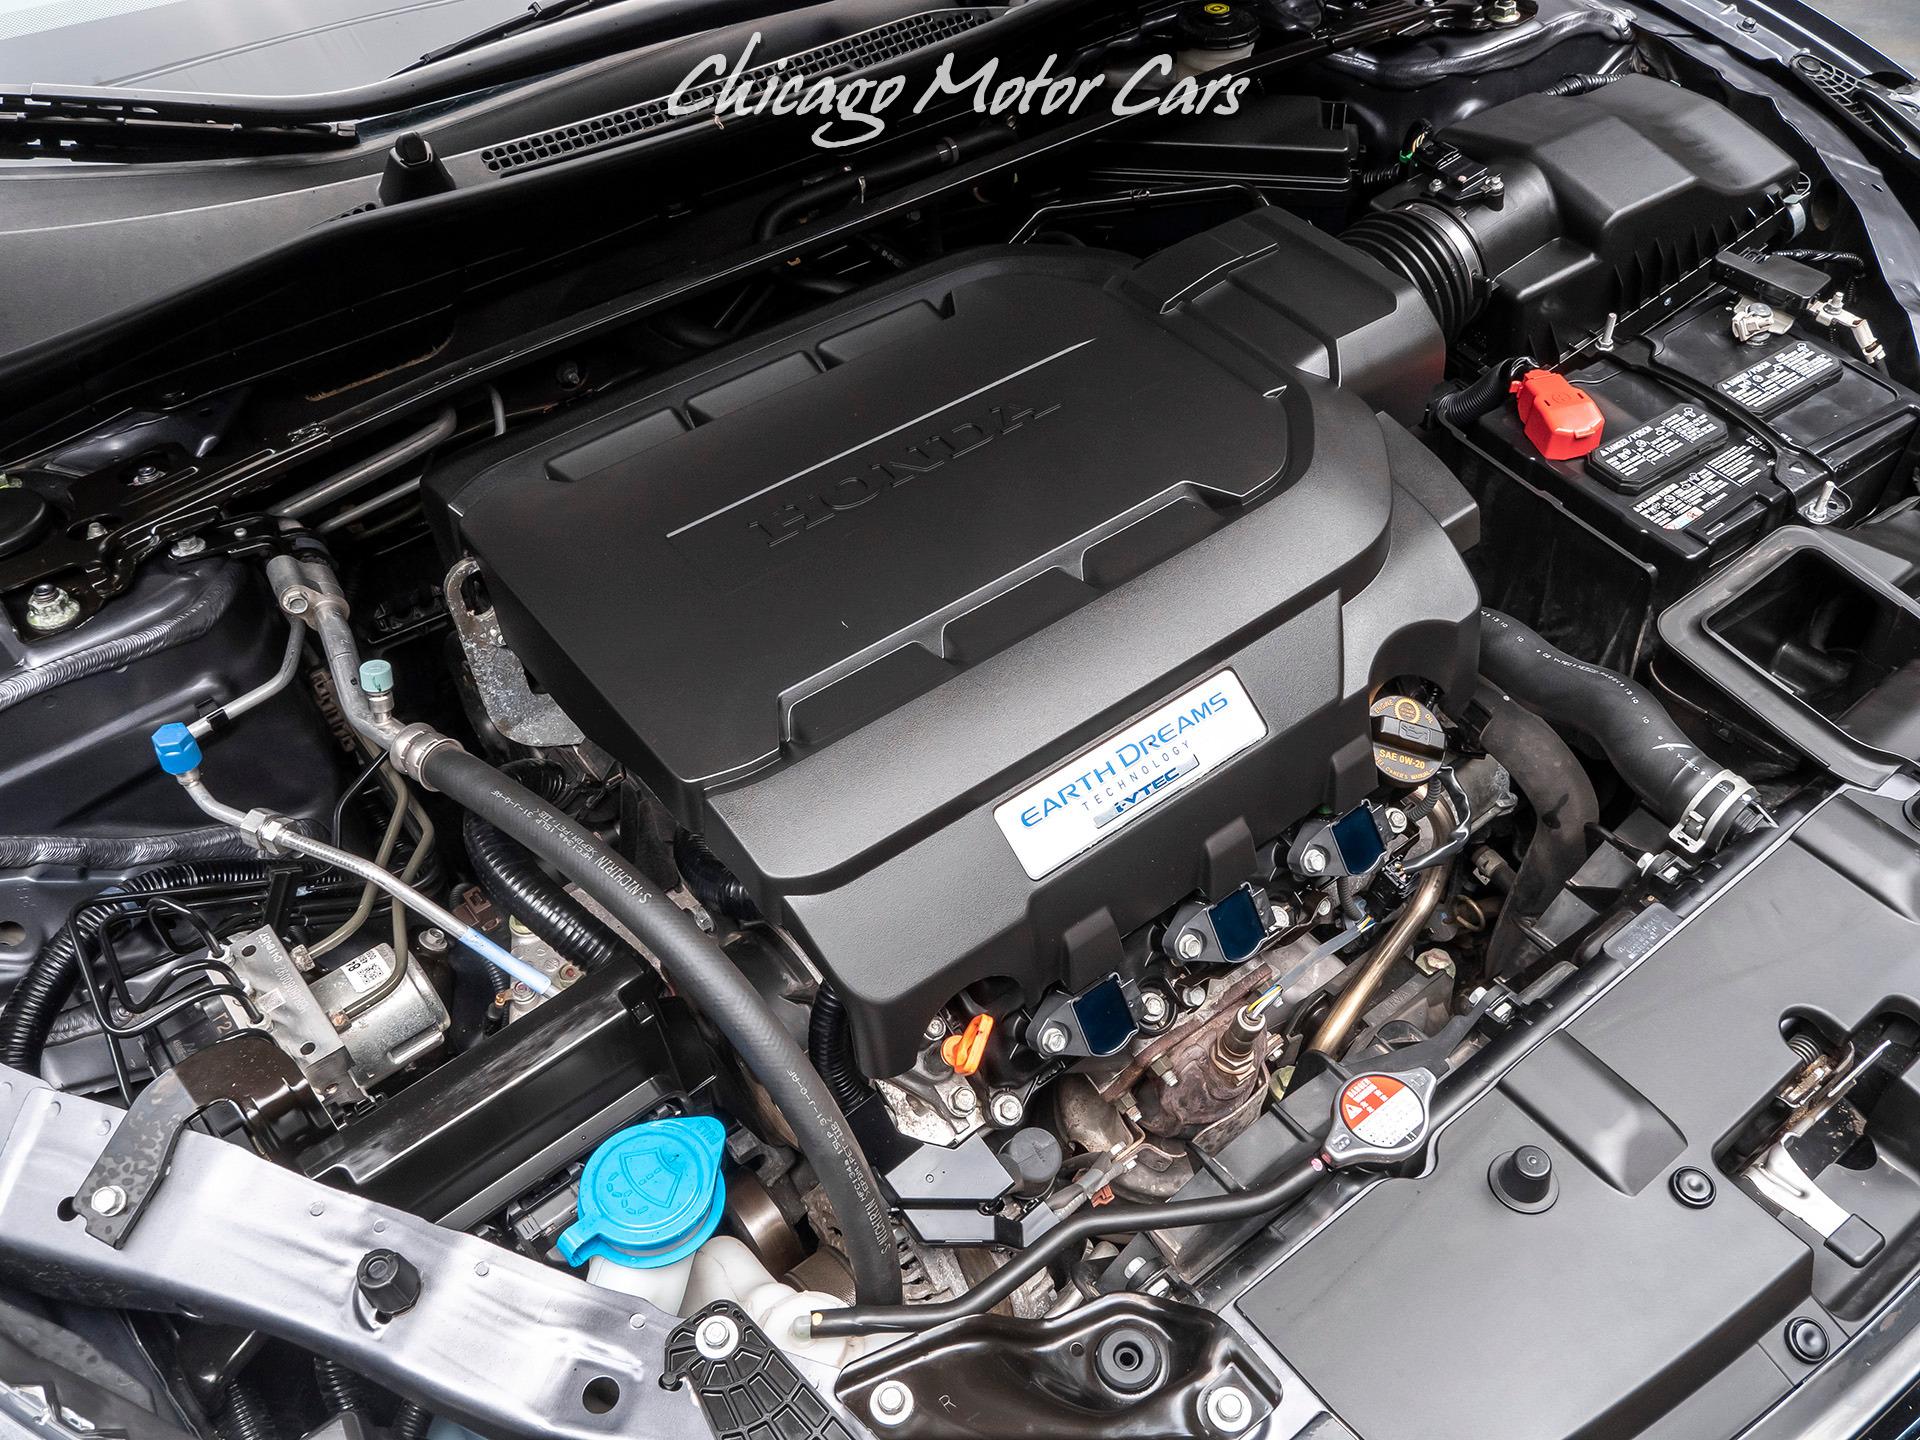 Used 2014 Honda Accord EX-L V6 Sedan For Sale (Special